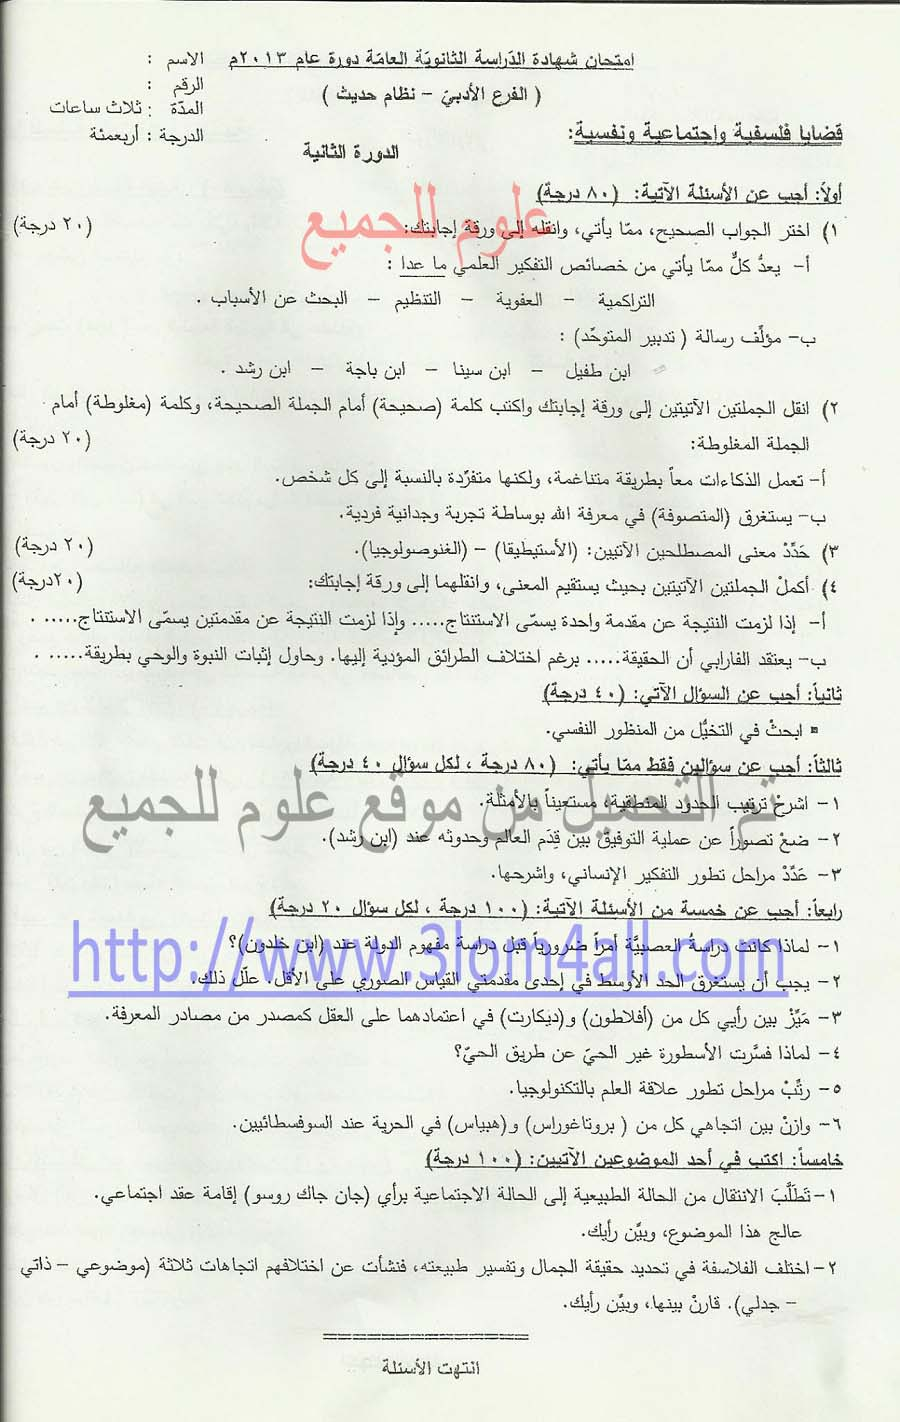 اسئلة الفلسفة البكالوريا الادبي 2013 سوريا الدورة الثانية التكميلية